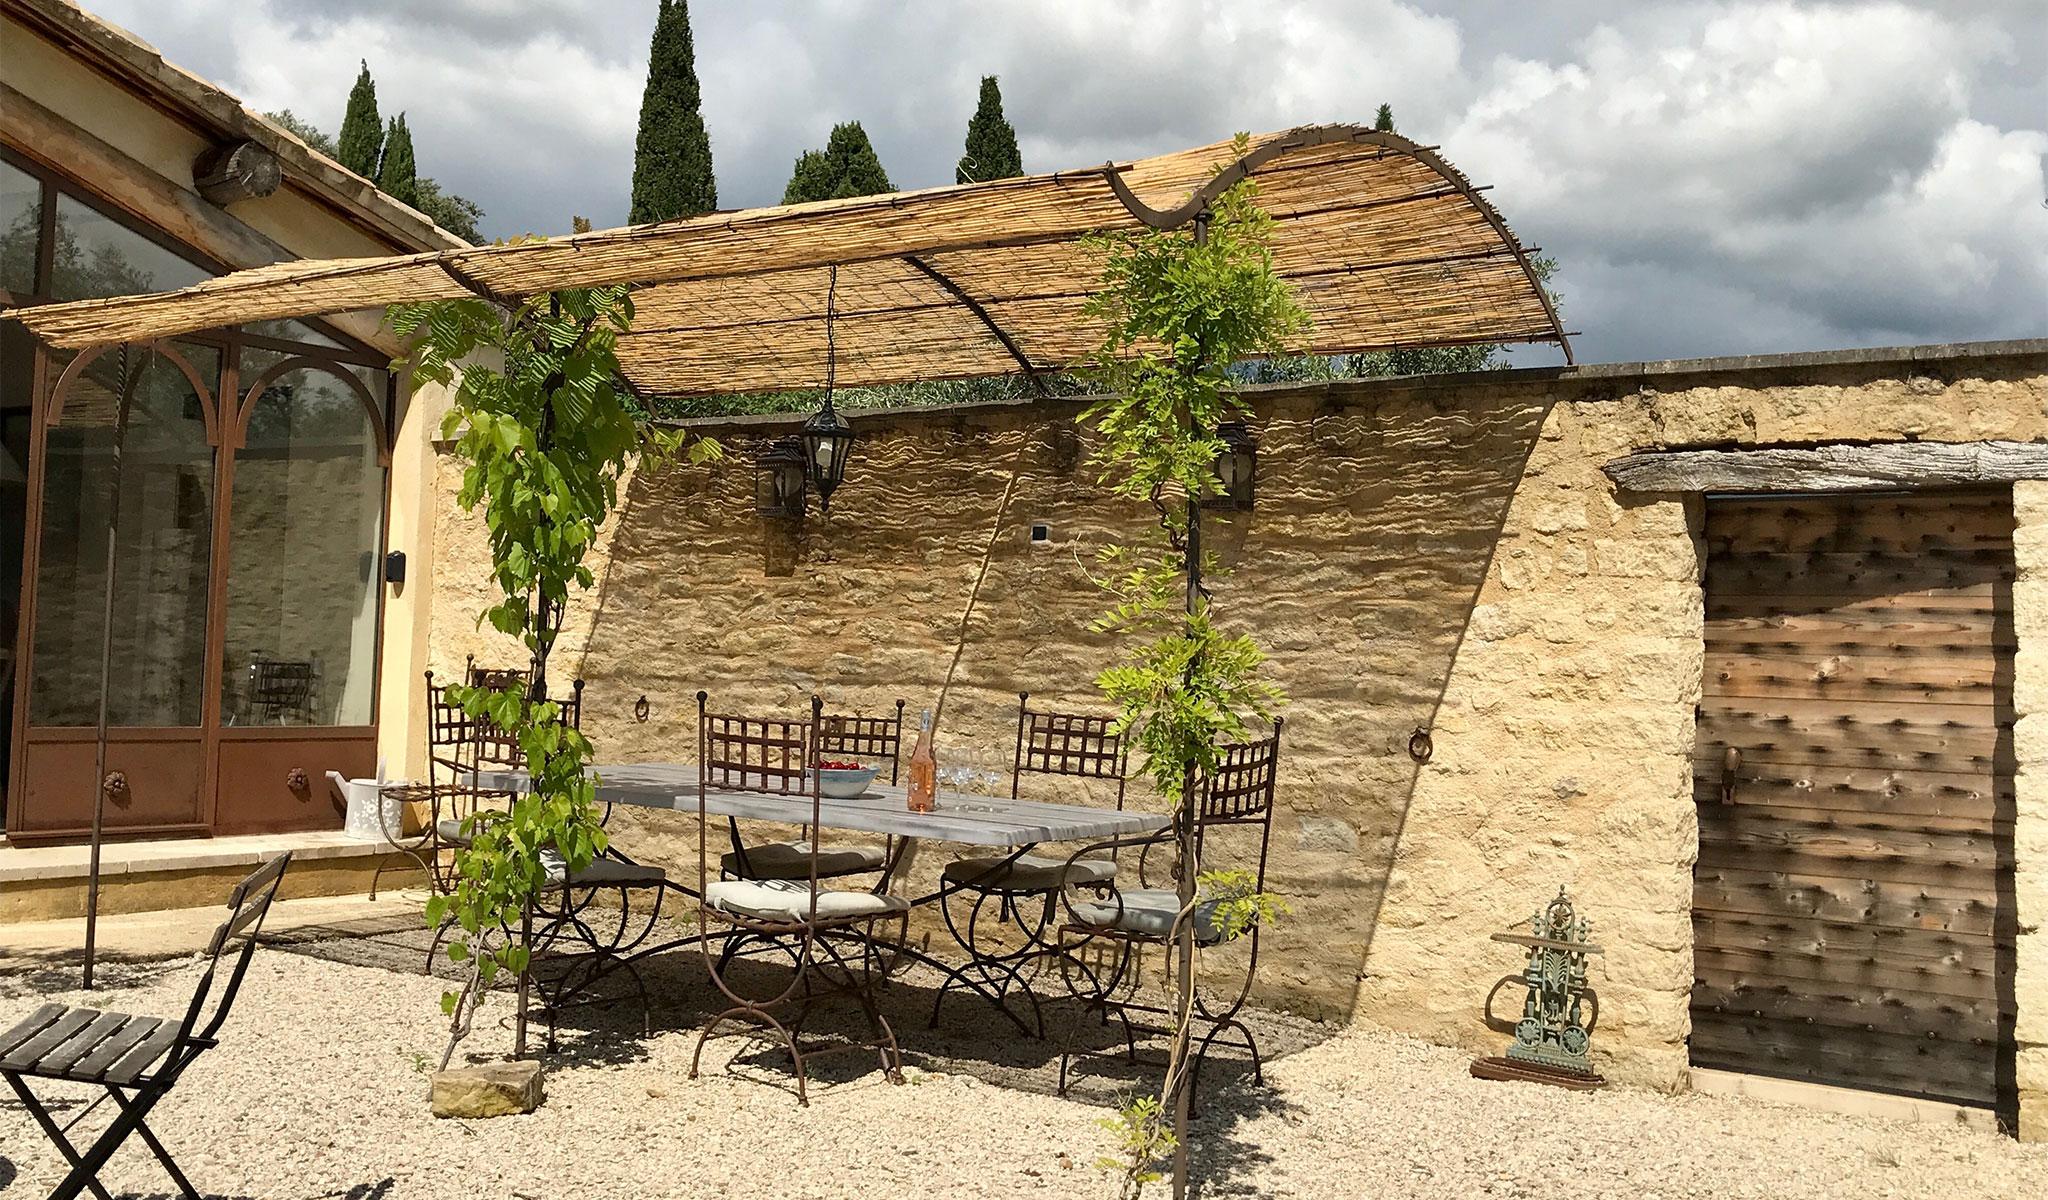 La Maison de Lune patio dining area